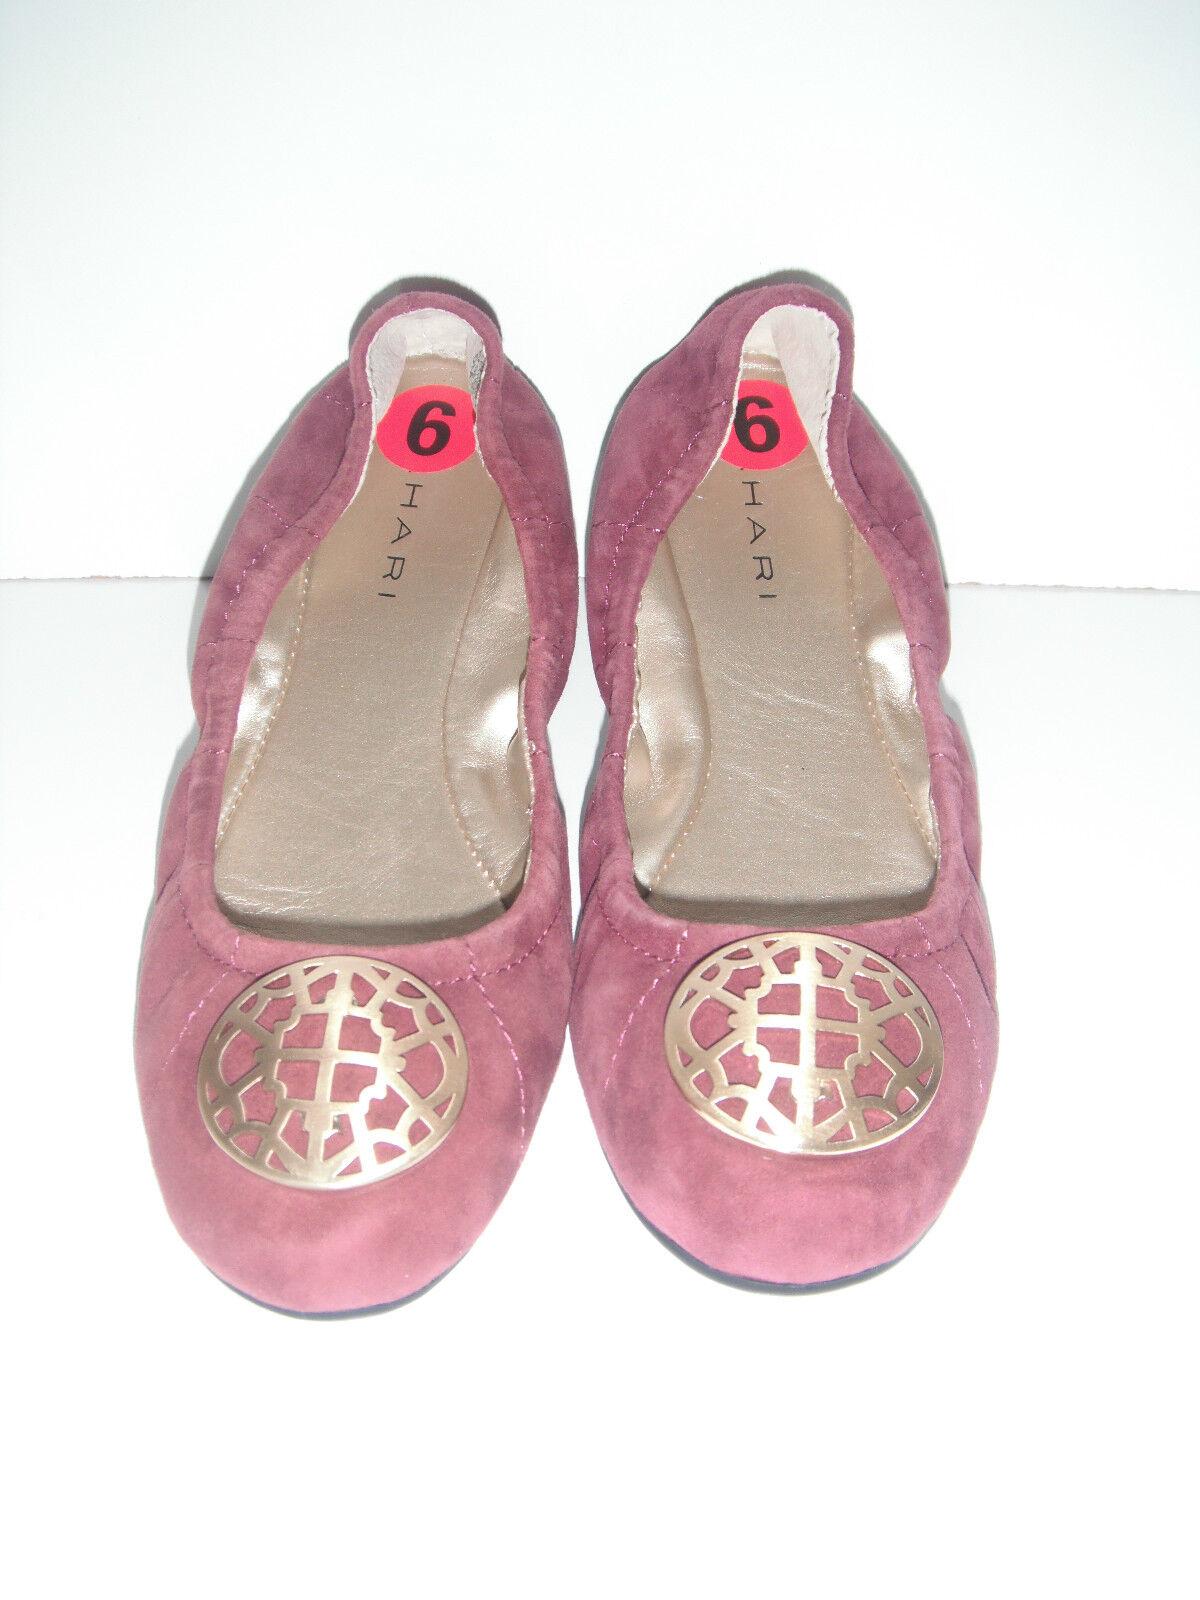 Nuevo Tahari Varsity CUERO CUERO CUERO ANTE BALLET zapatos planos Talle 6m  110  venta directa de fábrica